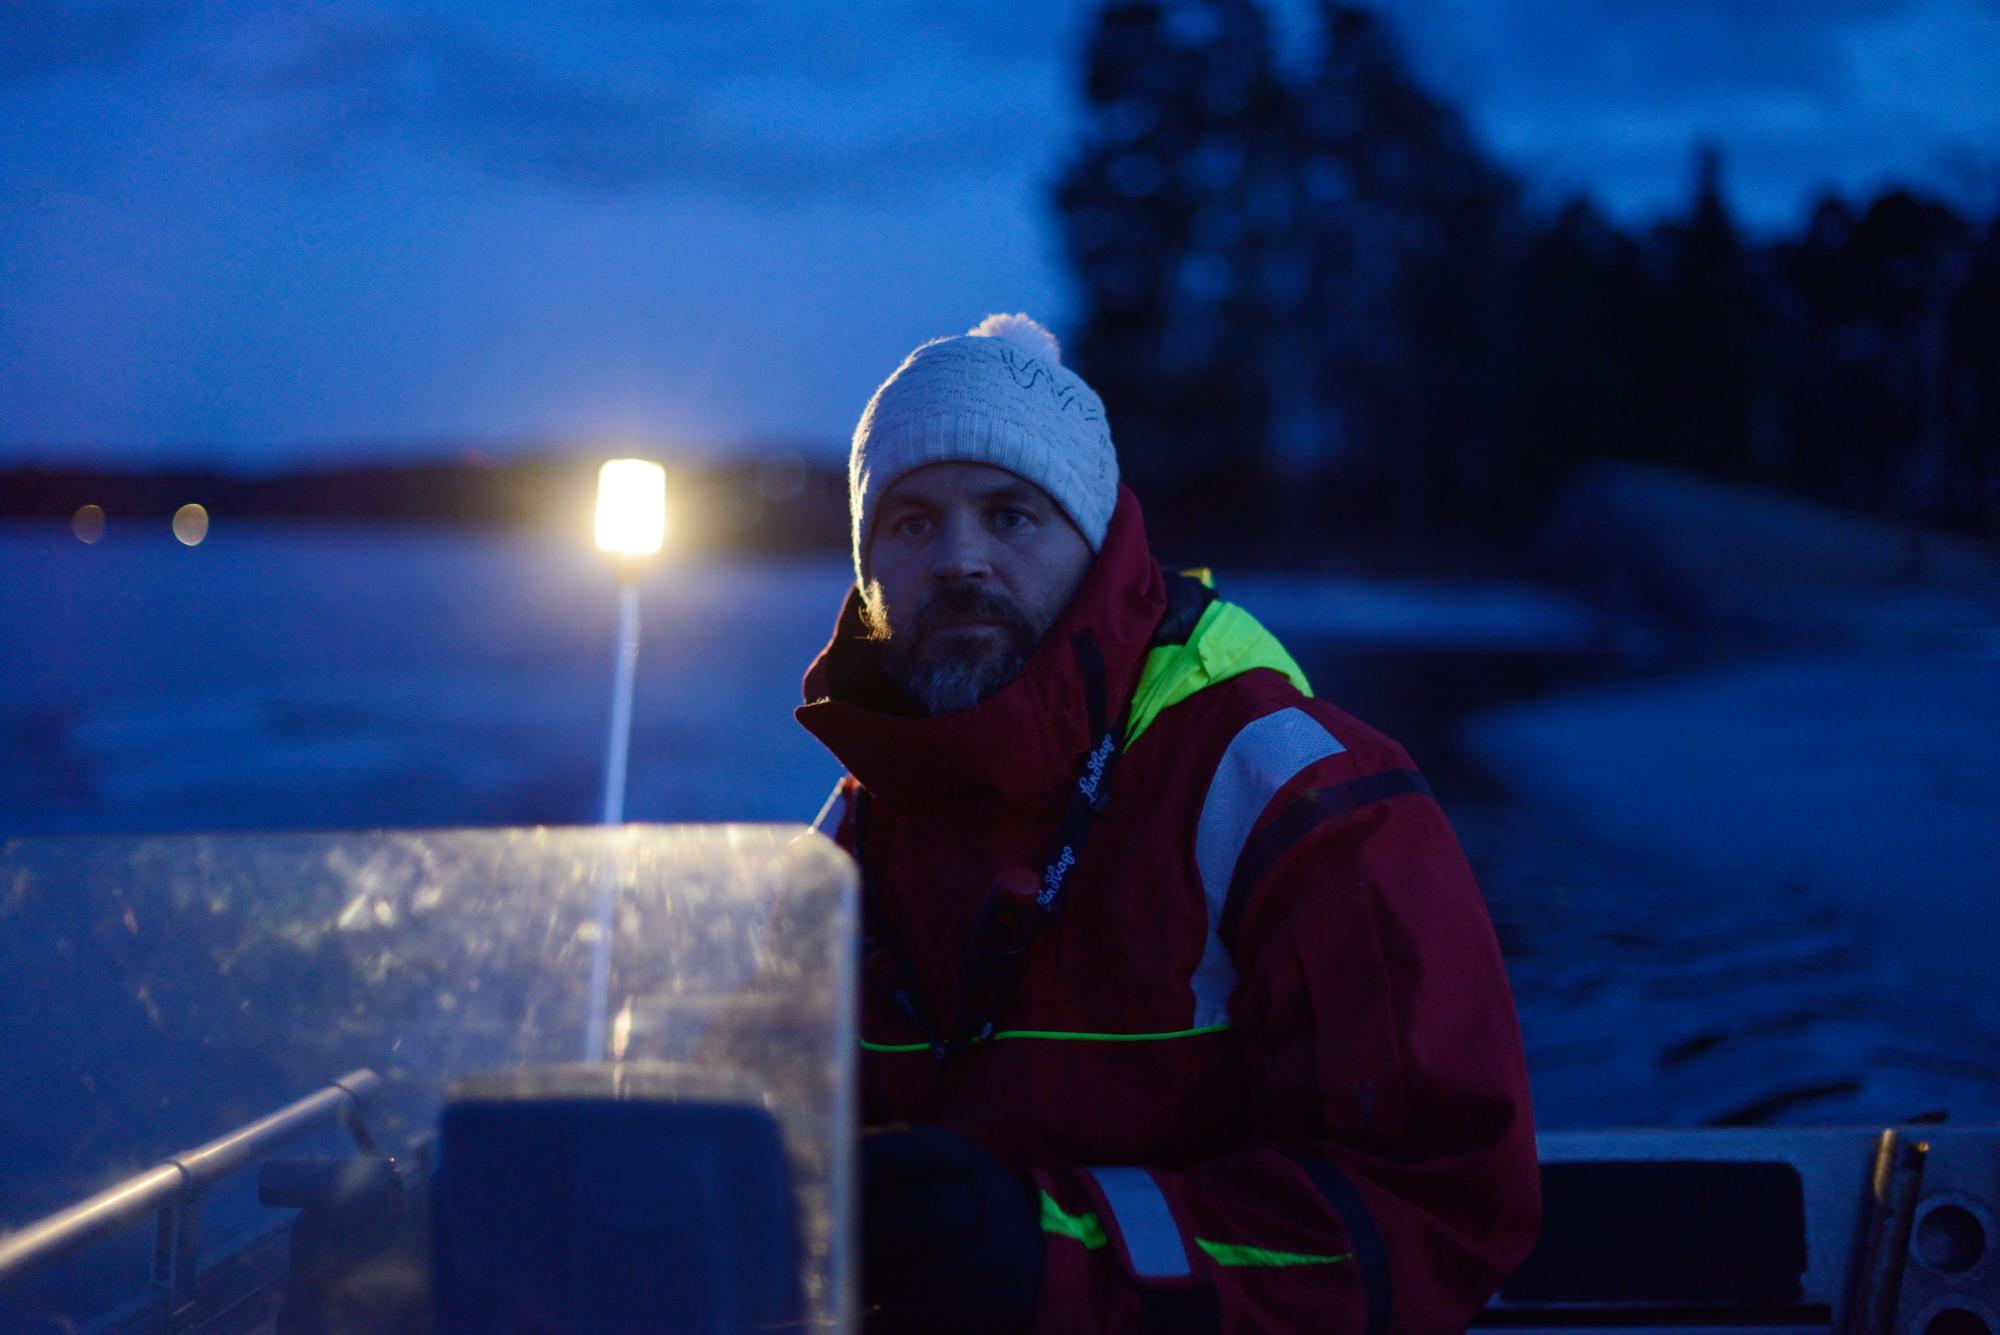 Jaakkko keskittyy ajamaan venekauden ensimmäistä ajoa.